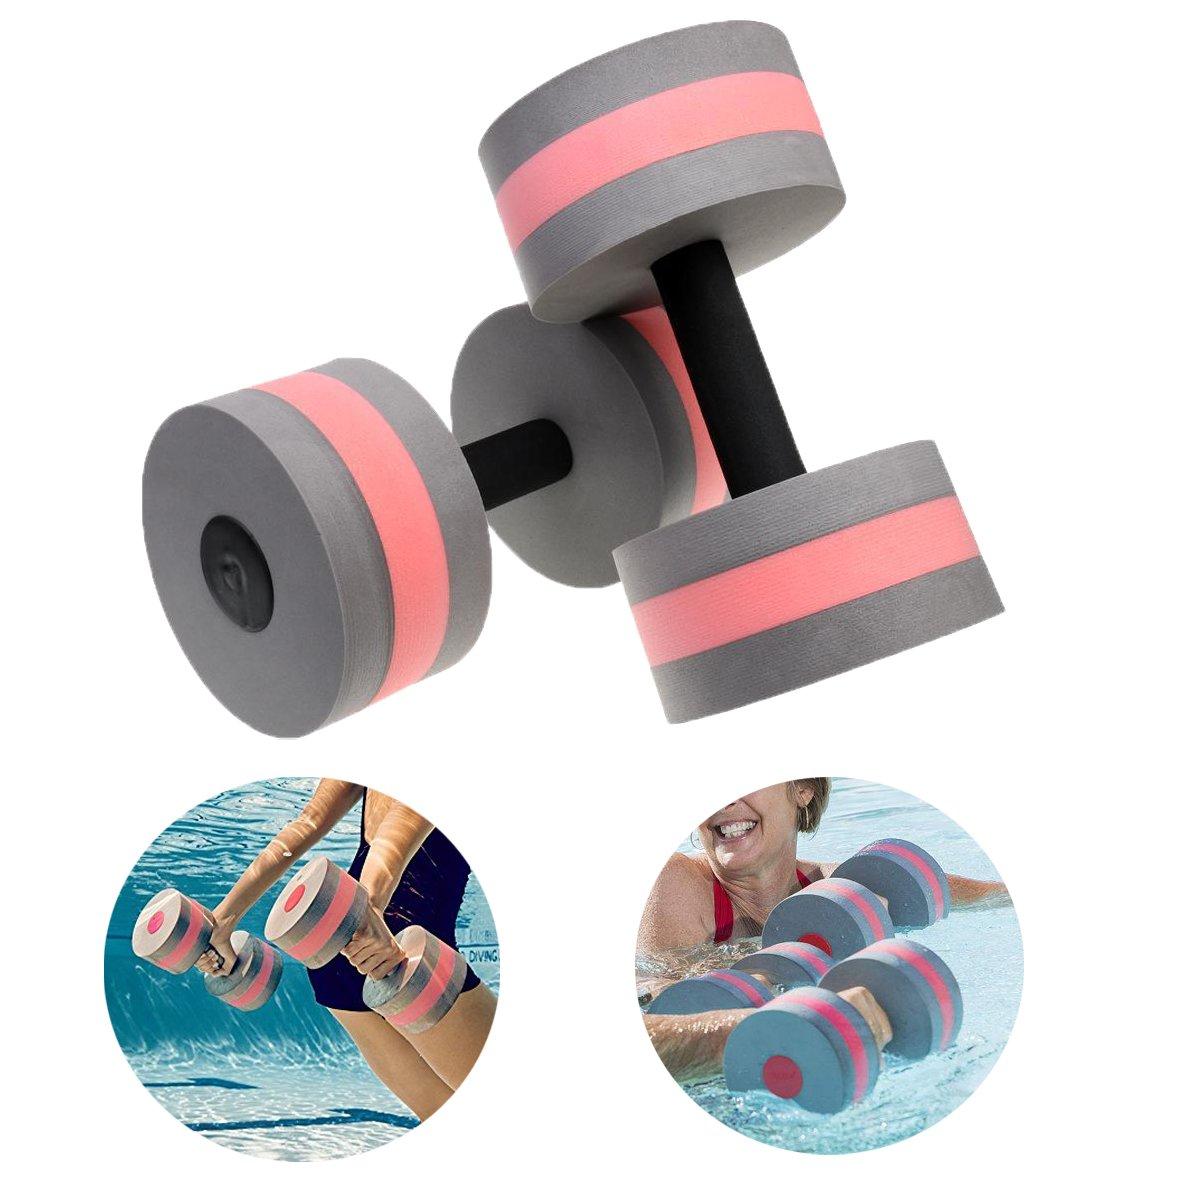 zerlar ejercicio acuático mancuernas de piscina ejercicios para aquaeróbic formación fitness ejercicios equipo para pérdida de peso de 2 pcs - HT-SSESSYL1GY ...